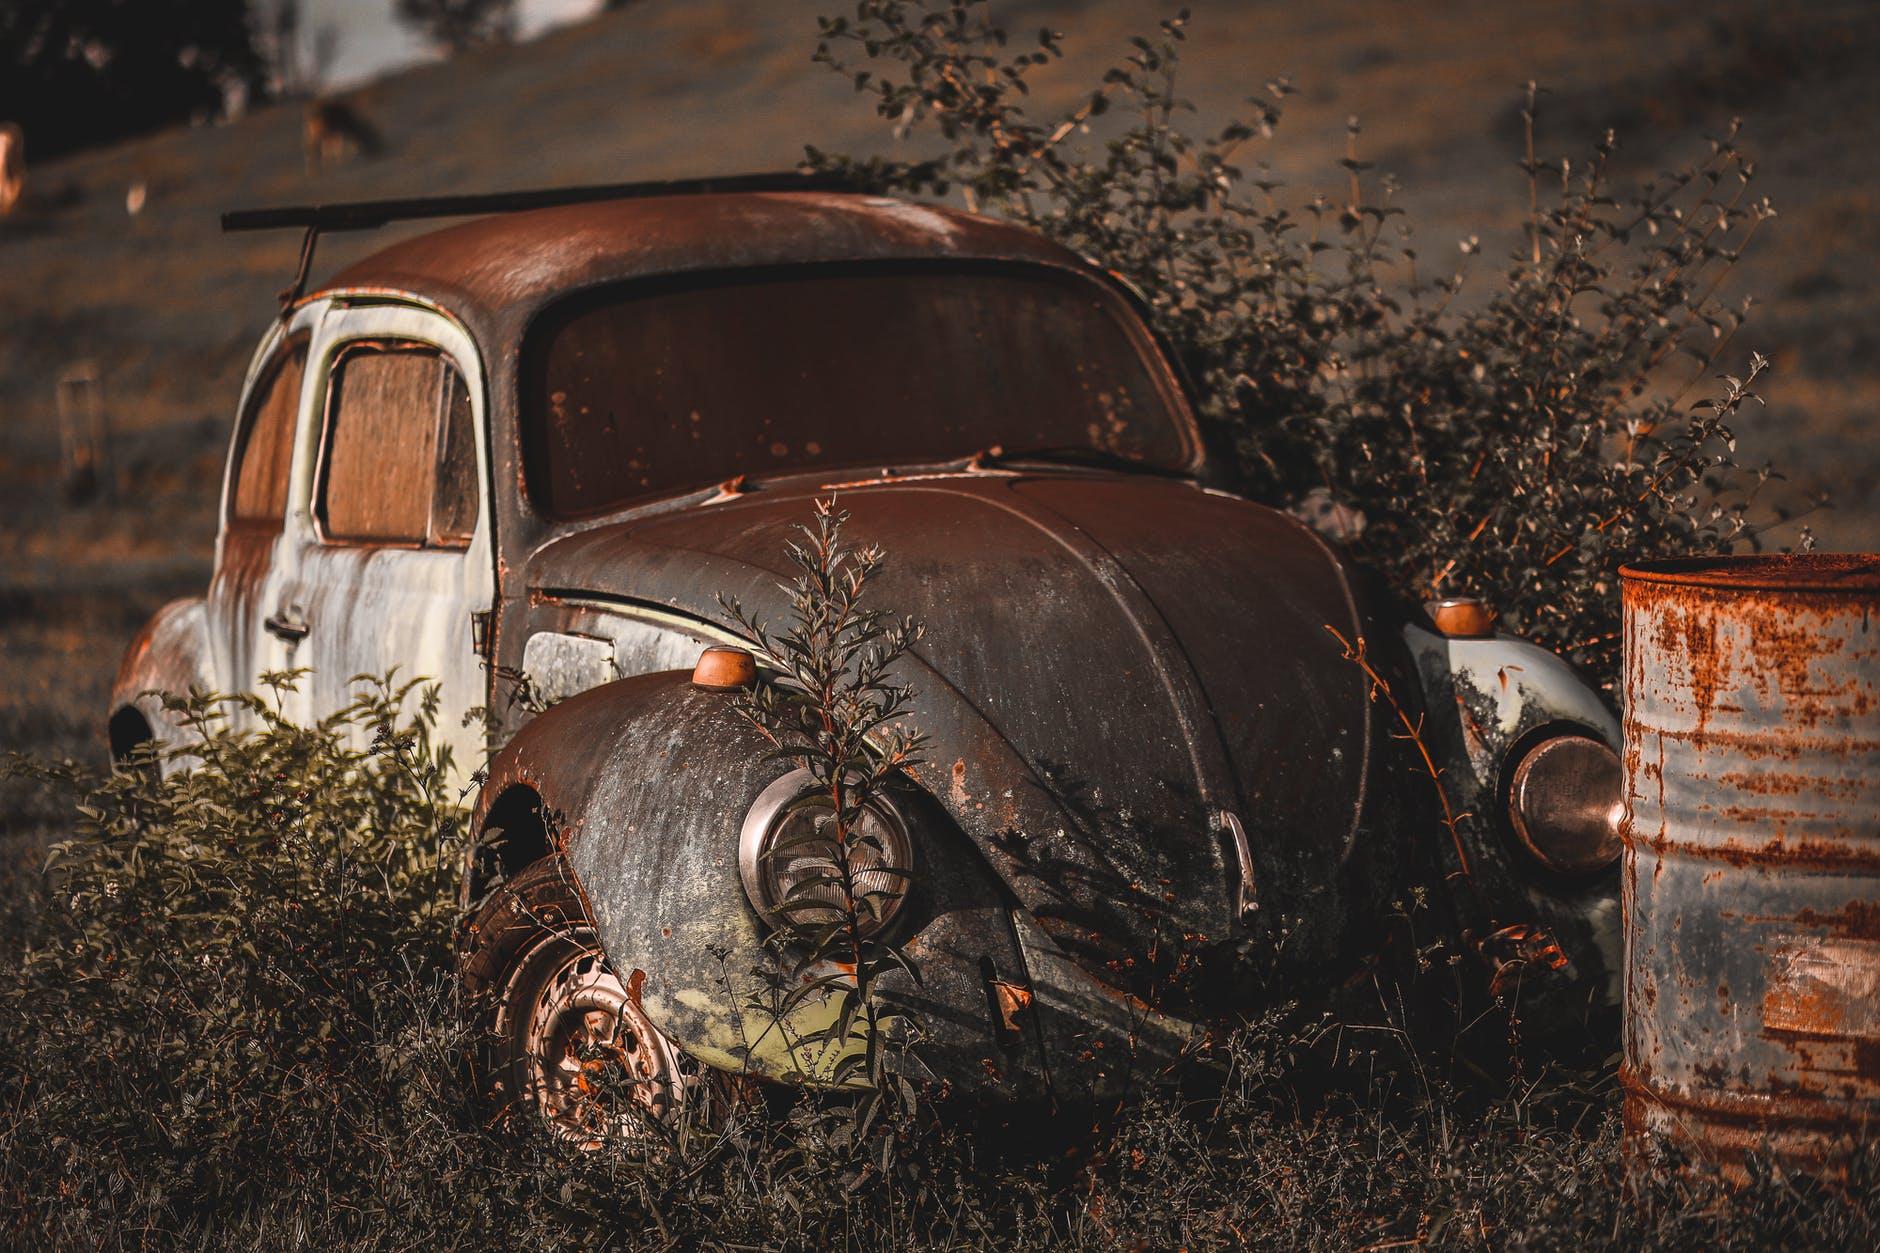 Queremos SABER: Vereador pede informações sobre recolhimento de veículos abandonados em vias públicas